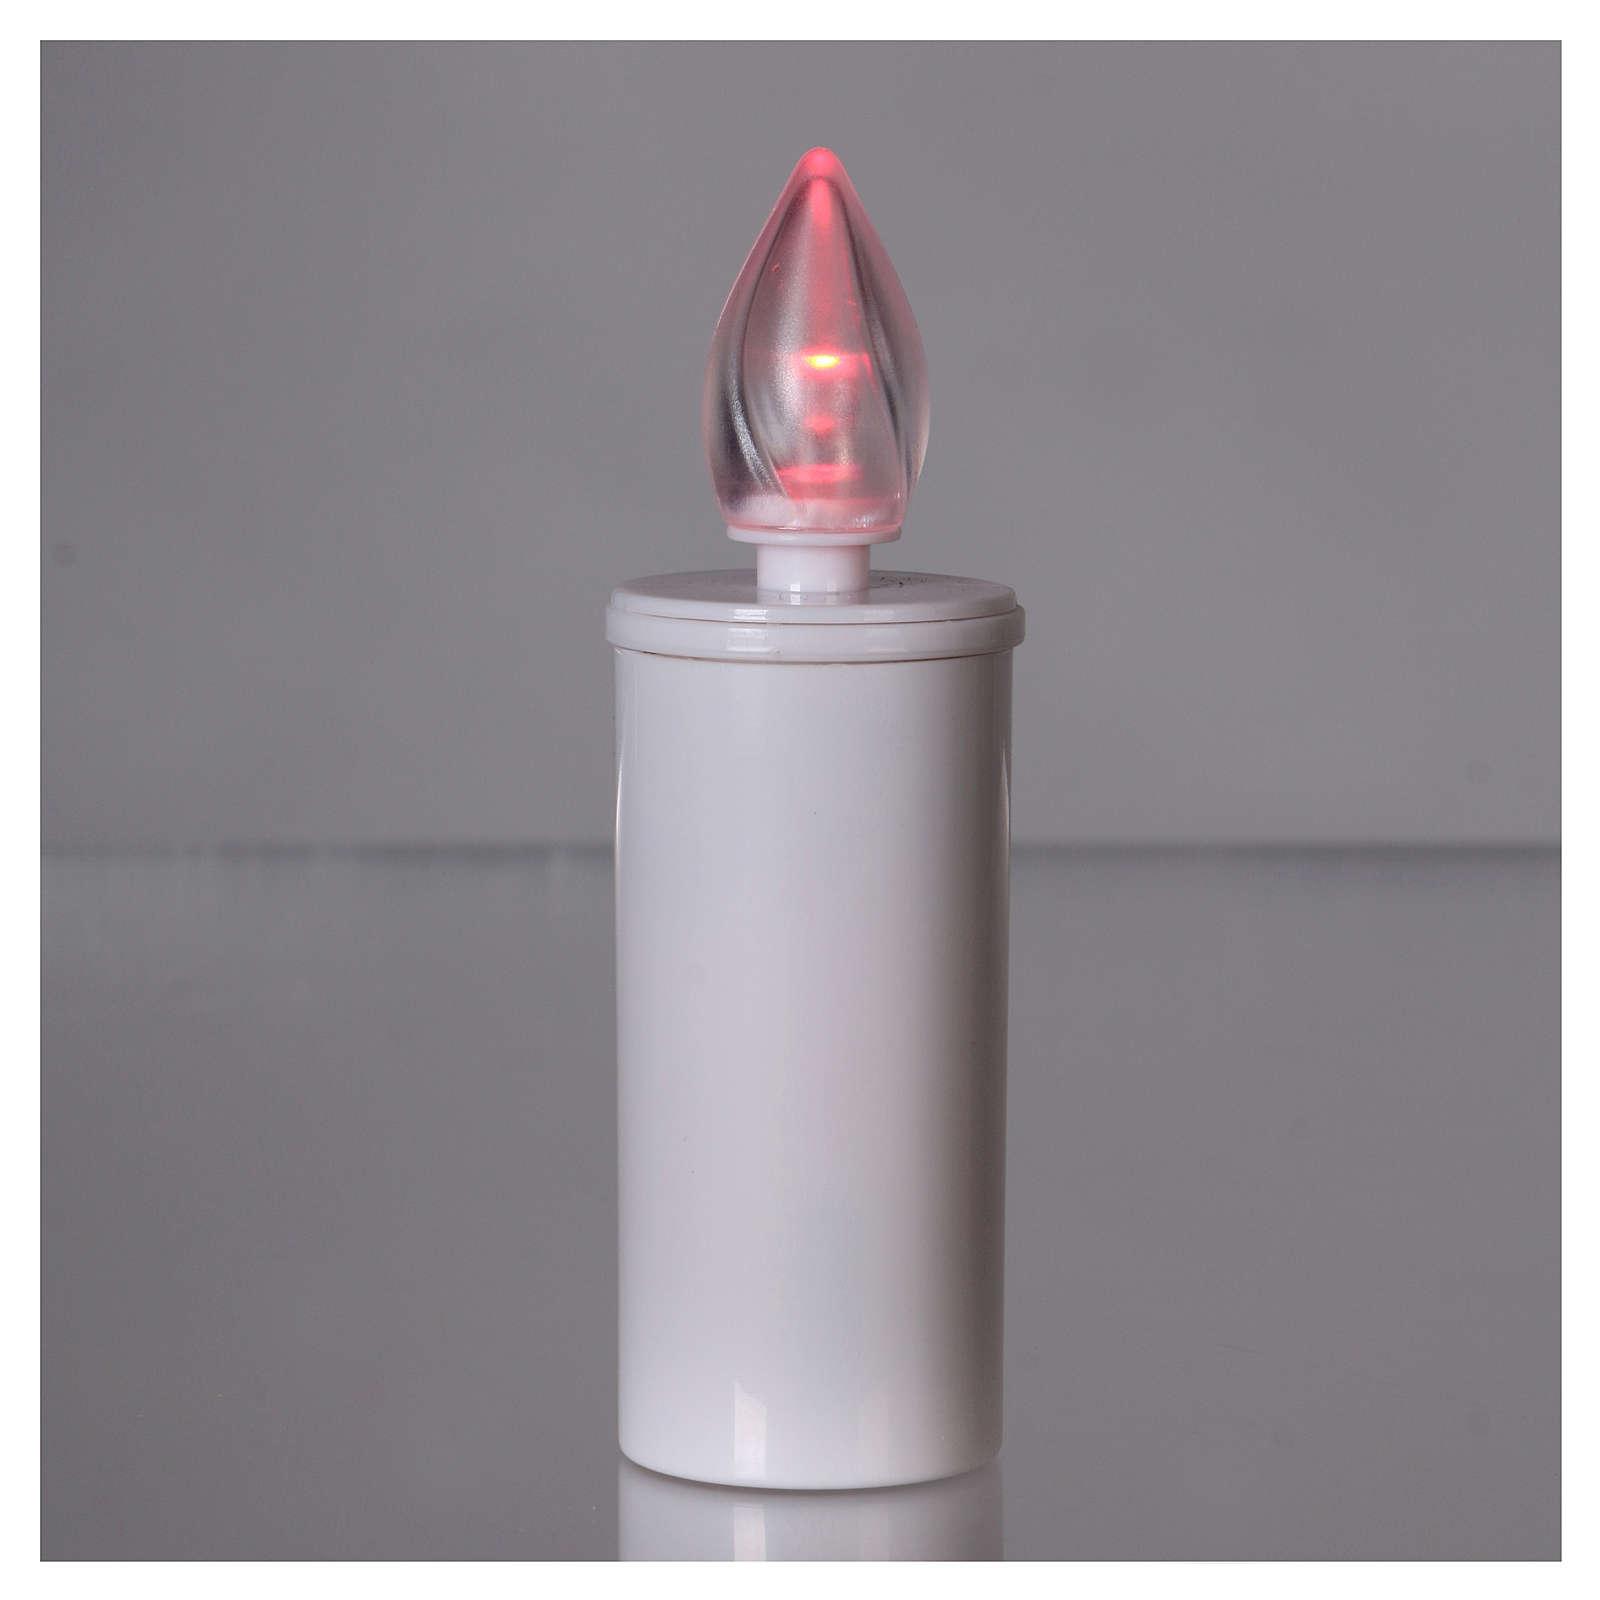 Lumino Lumada annuale usa e getta luce intermittente rossa 3